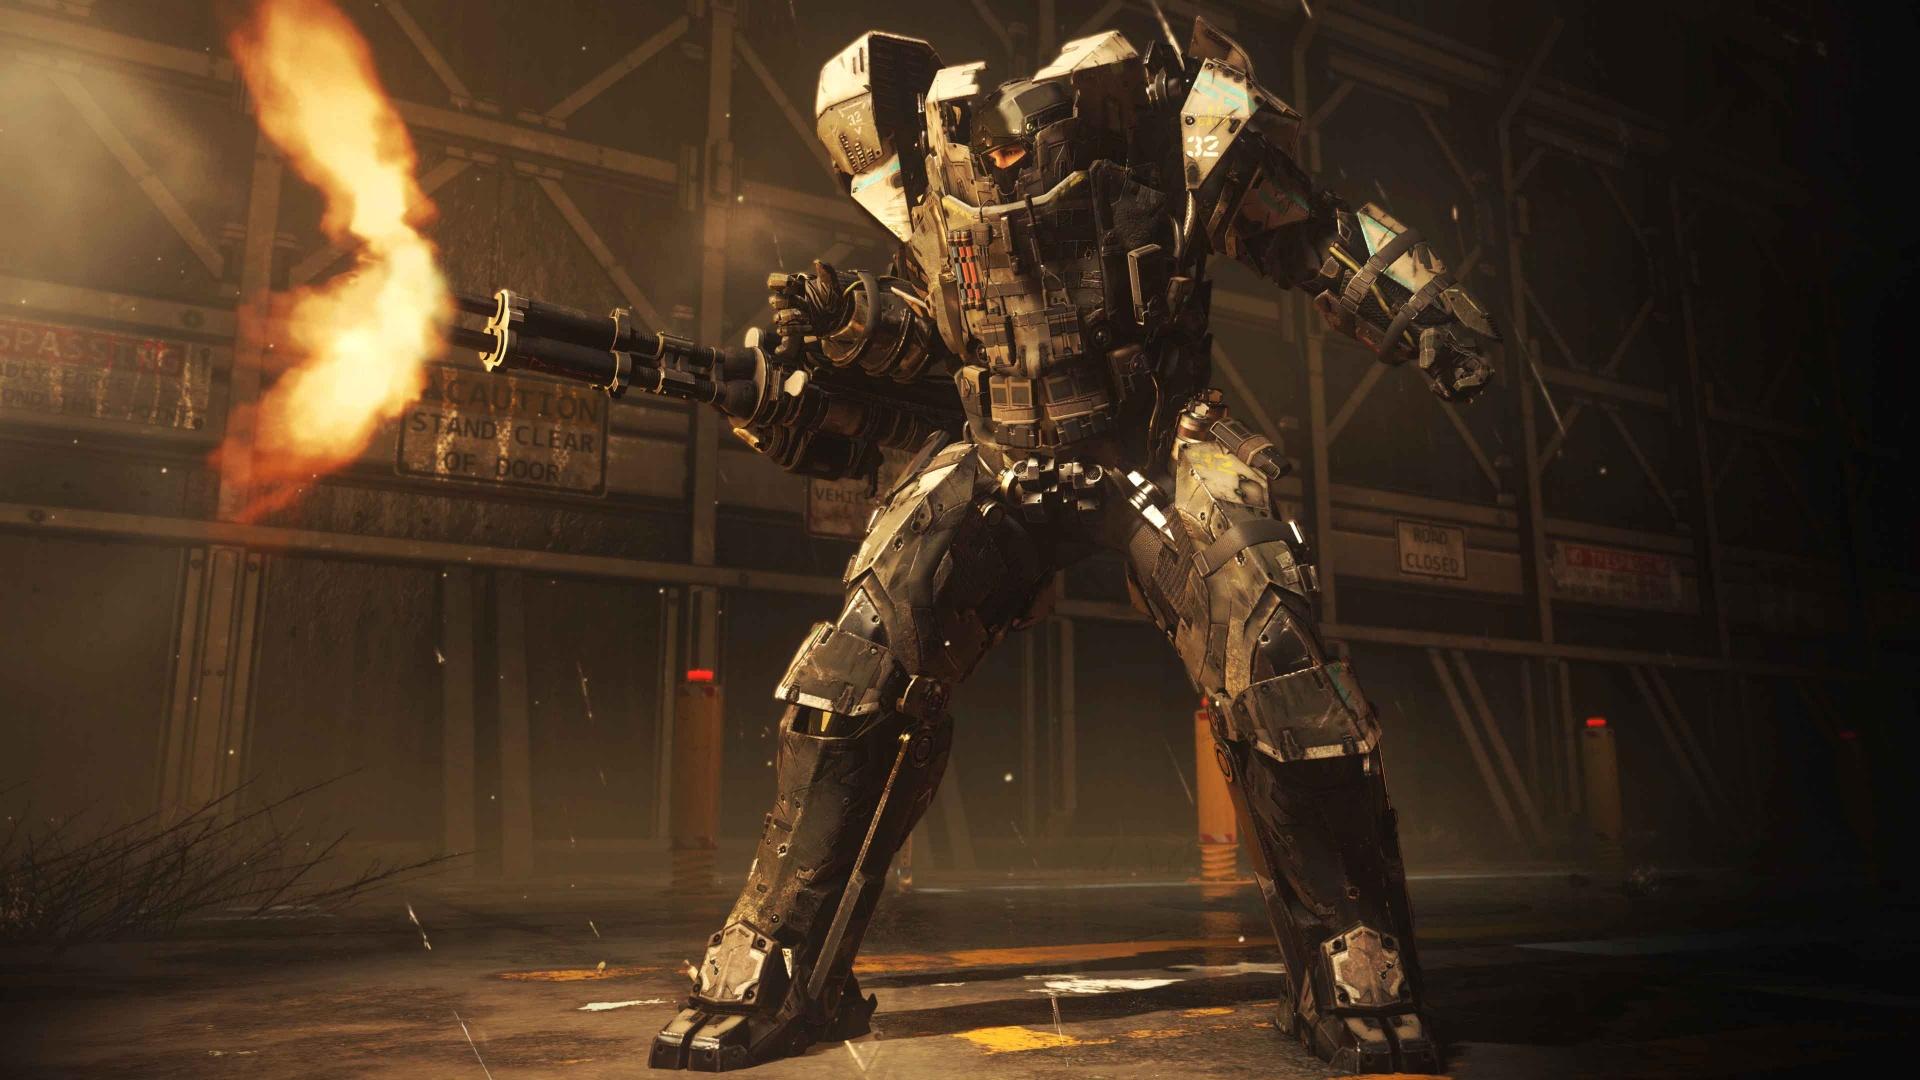 В новую Call of Duty не вернутся джетпаки, подтвердил дизайнер Treyarch